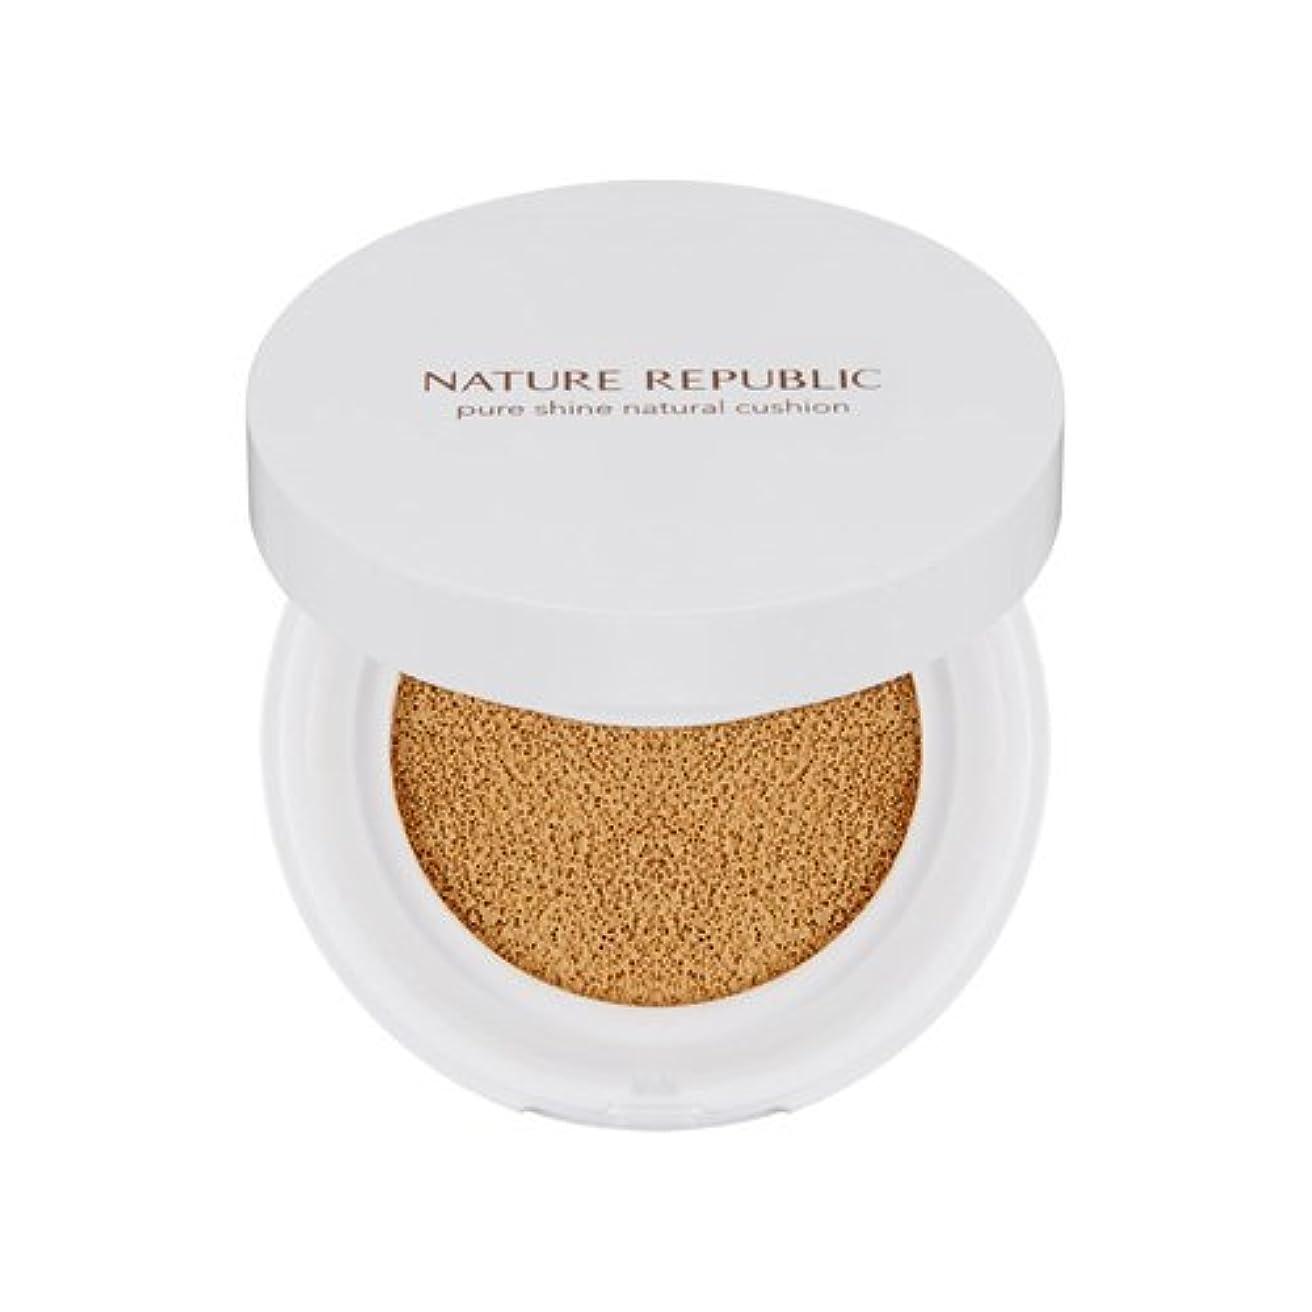 存在する斧年金受給者NATURE REPUBLIC Pure Shine Natural Cushion #01 Light Beige SPF50 + PA +++ ネイチャーリパブリック ピュアシャインナチュラルクッション #01ライトベージュSPF50+ PA+++ [並行輸入品]